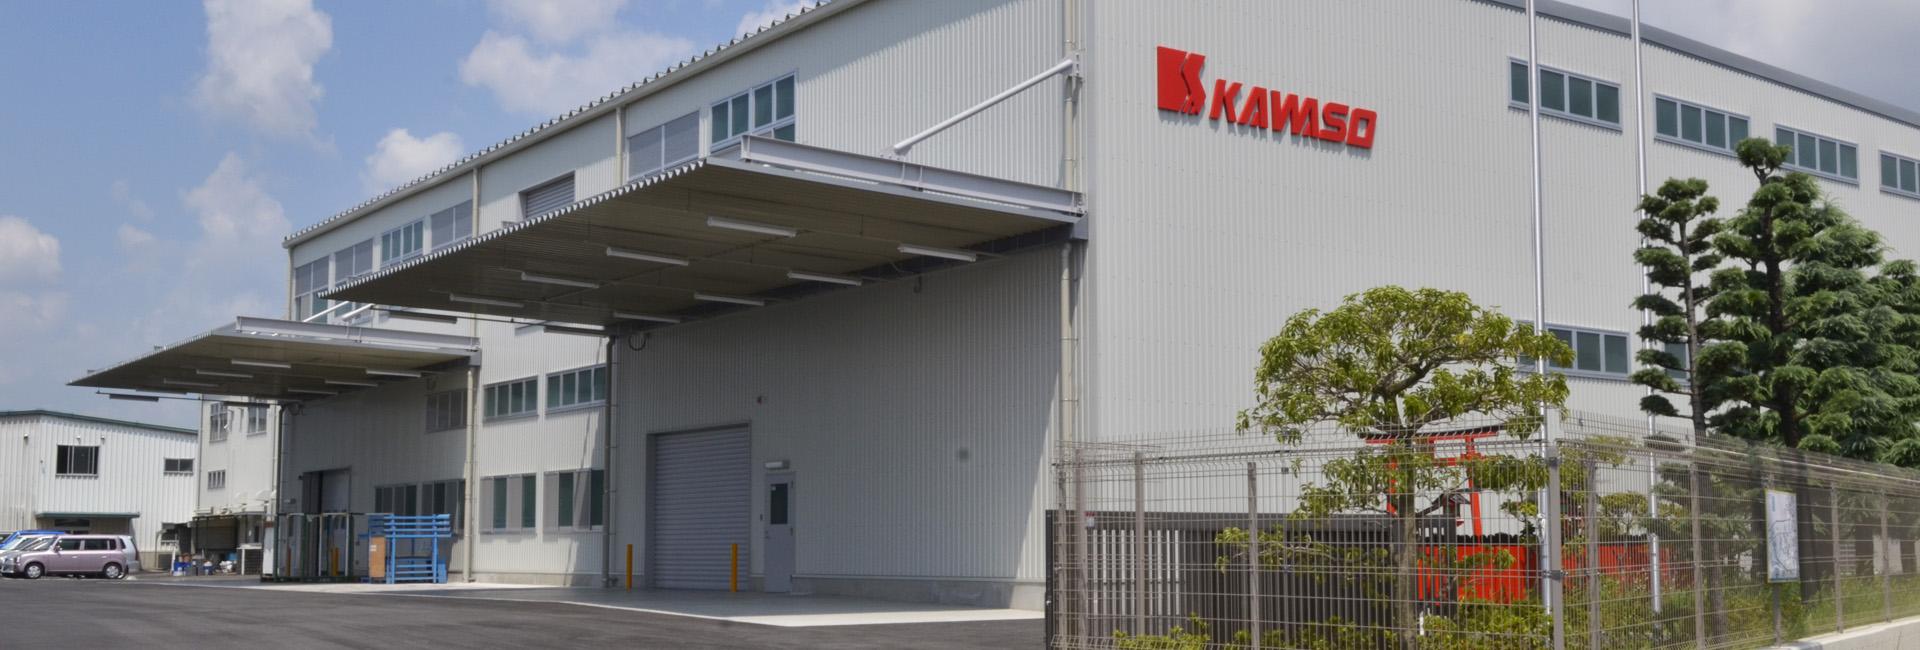 京都 プローブ・熱電対製造工場